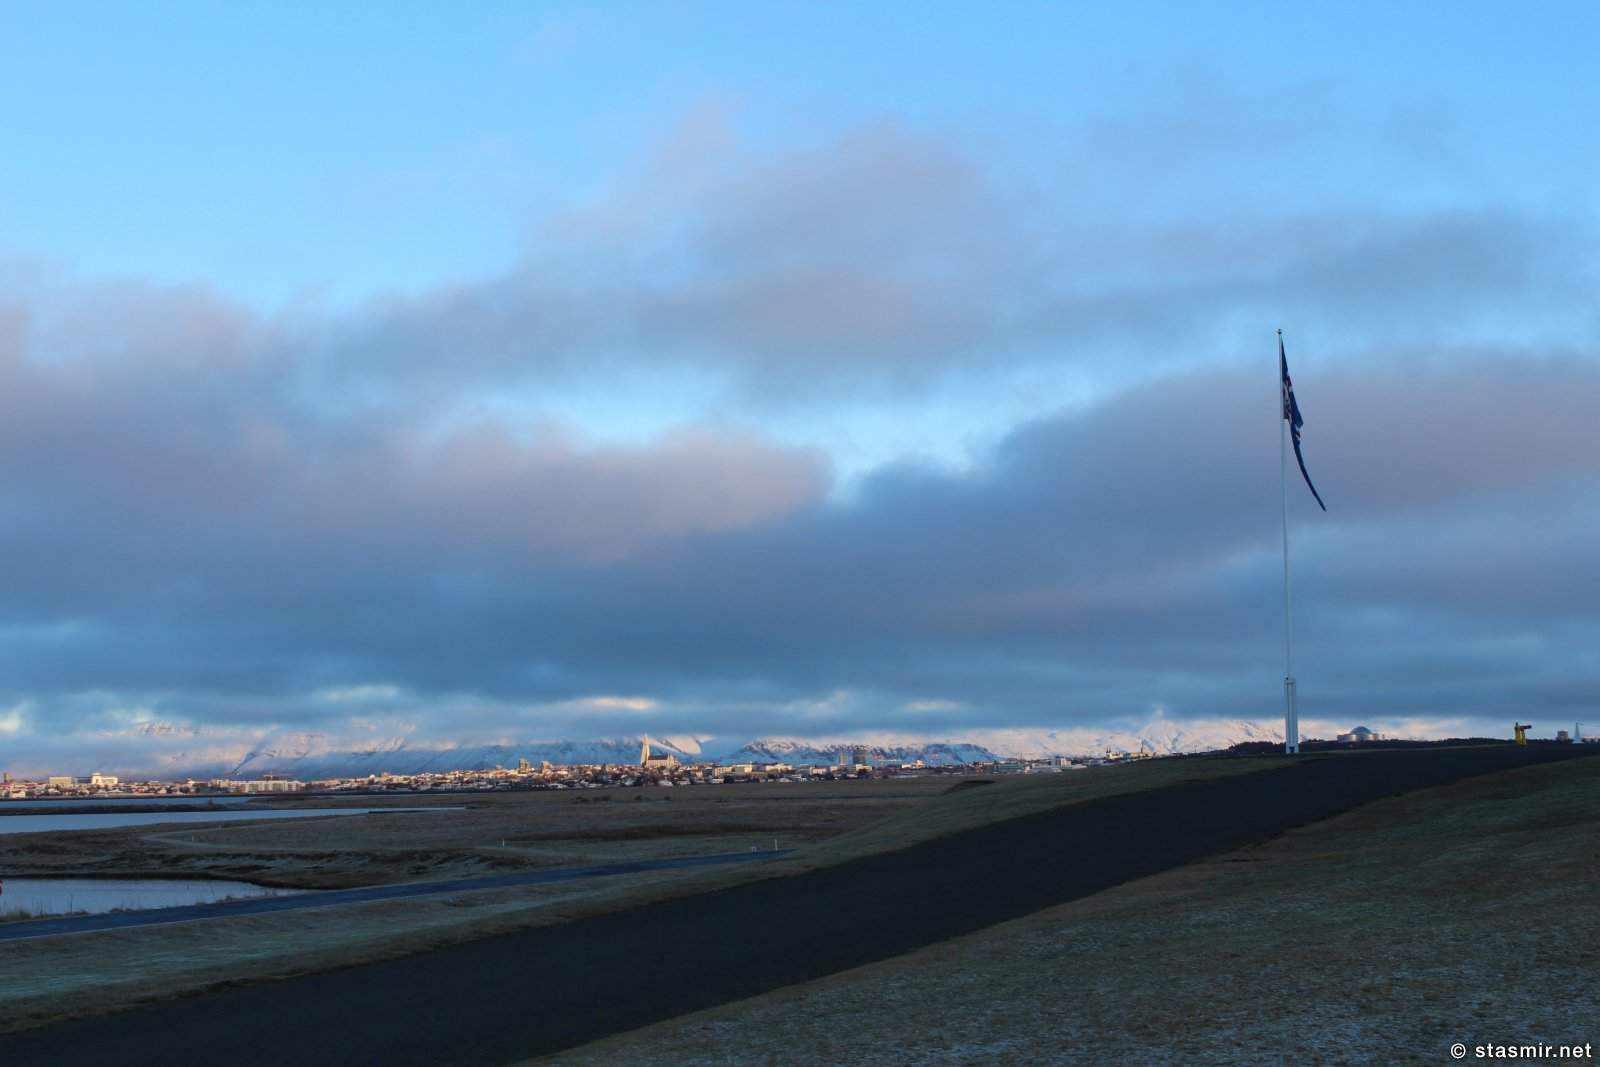 Вид из Бессастадир, Bessastaðir - официальной резиденции исландских президентов, фото Стасмир, photo Stasmir